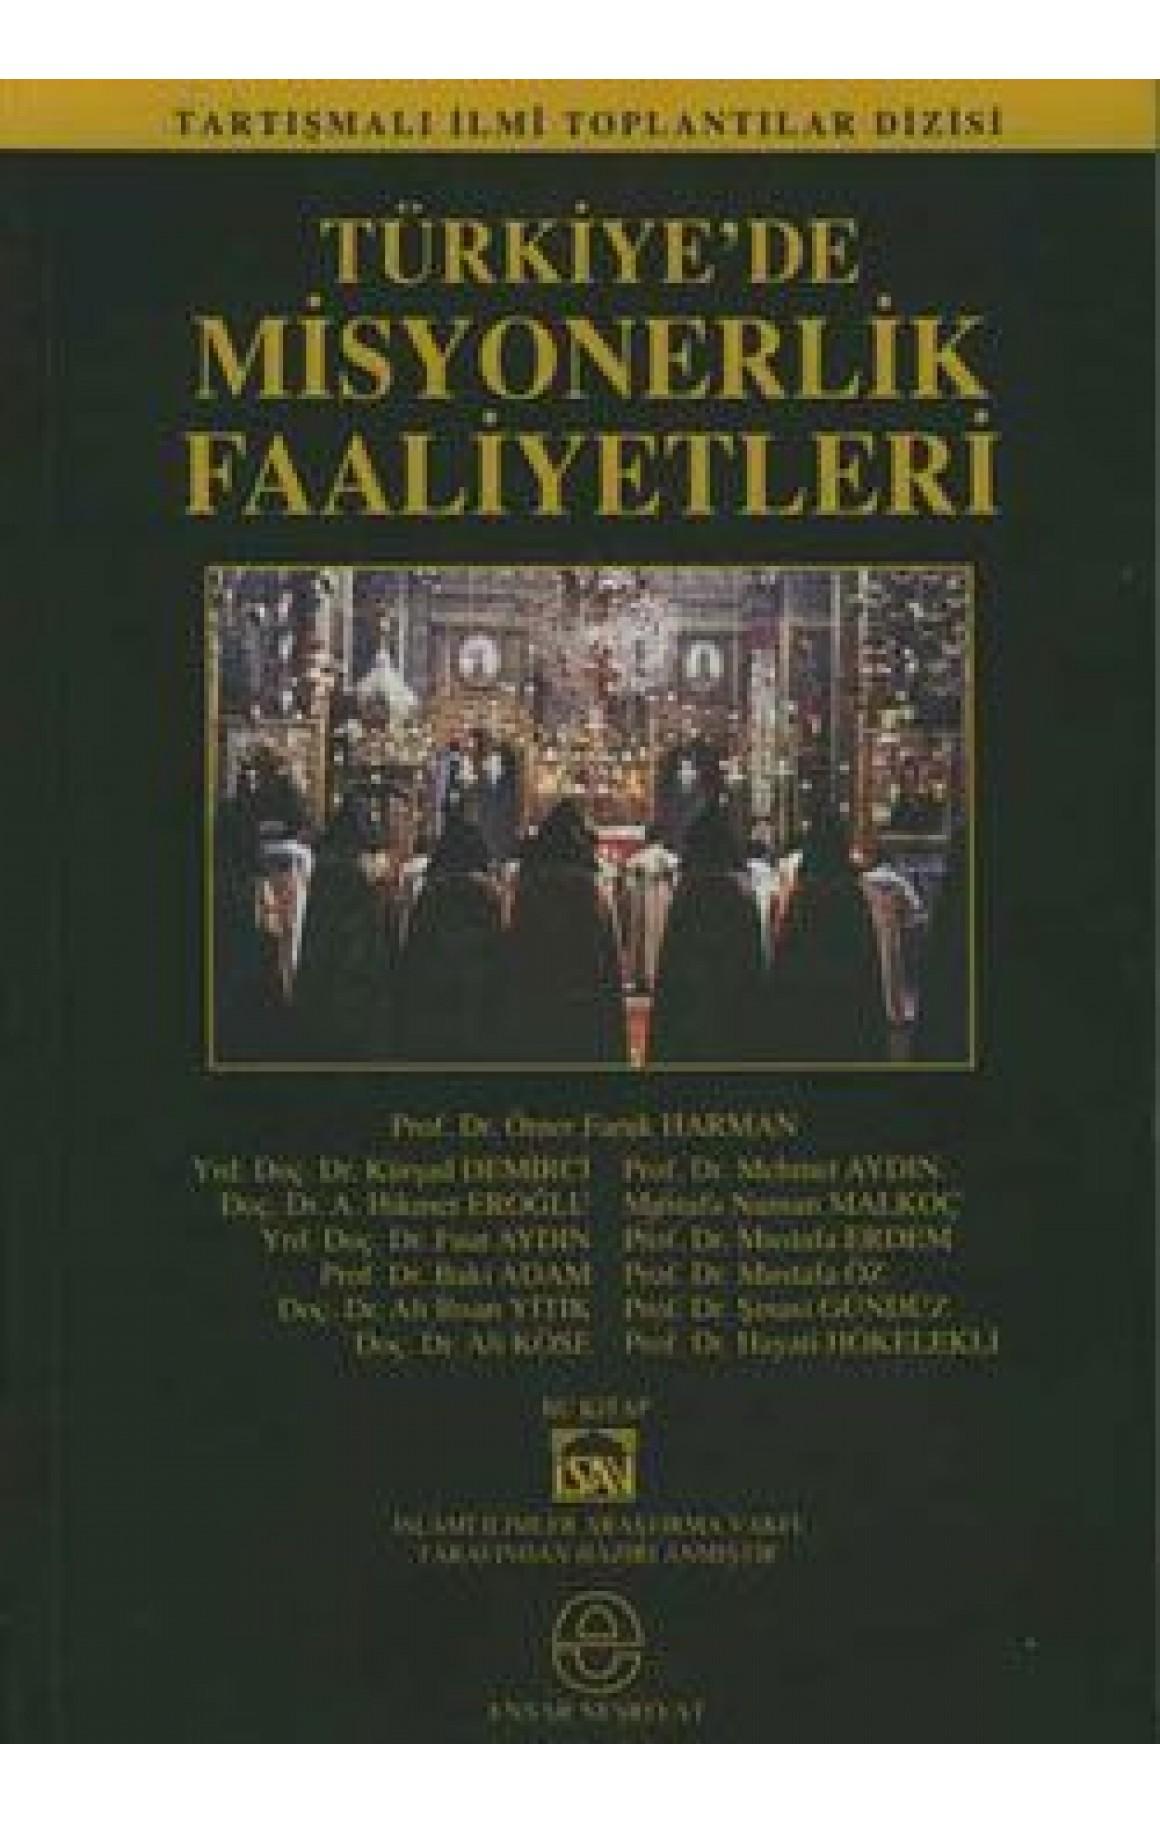 Türkiyede Misyonerlik Faaliyetleri